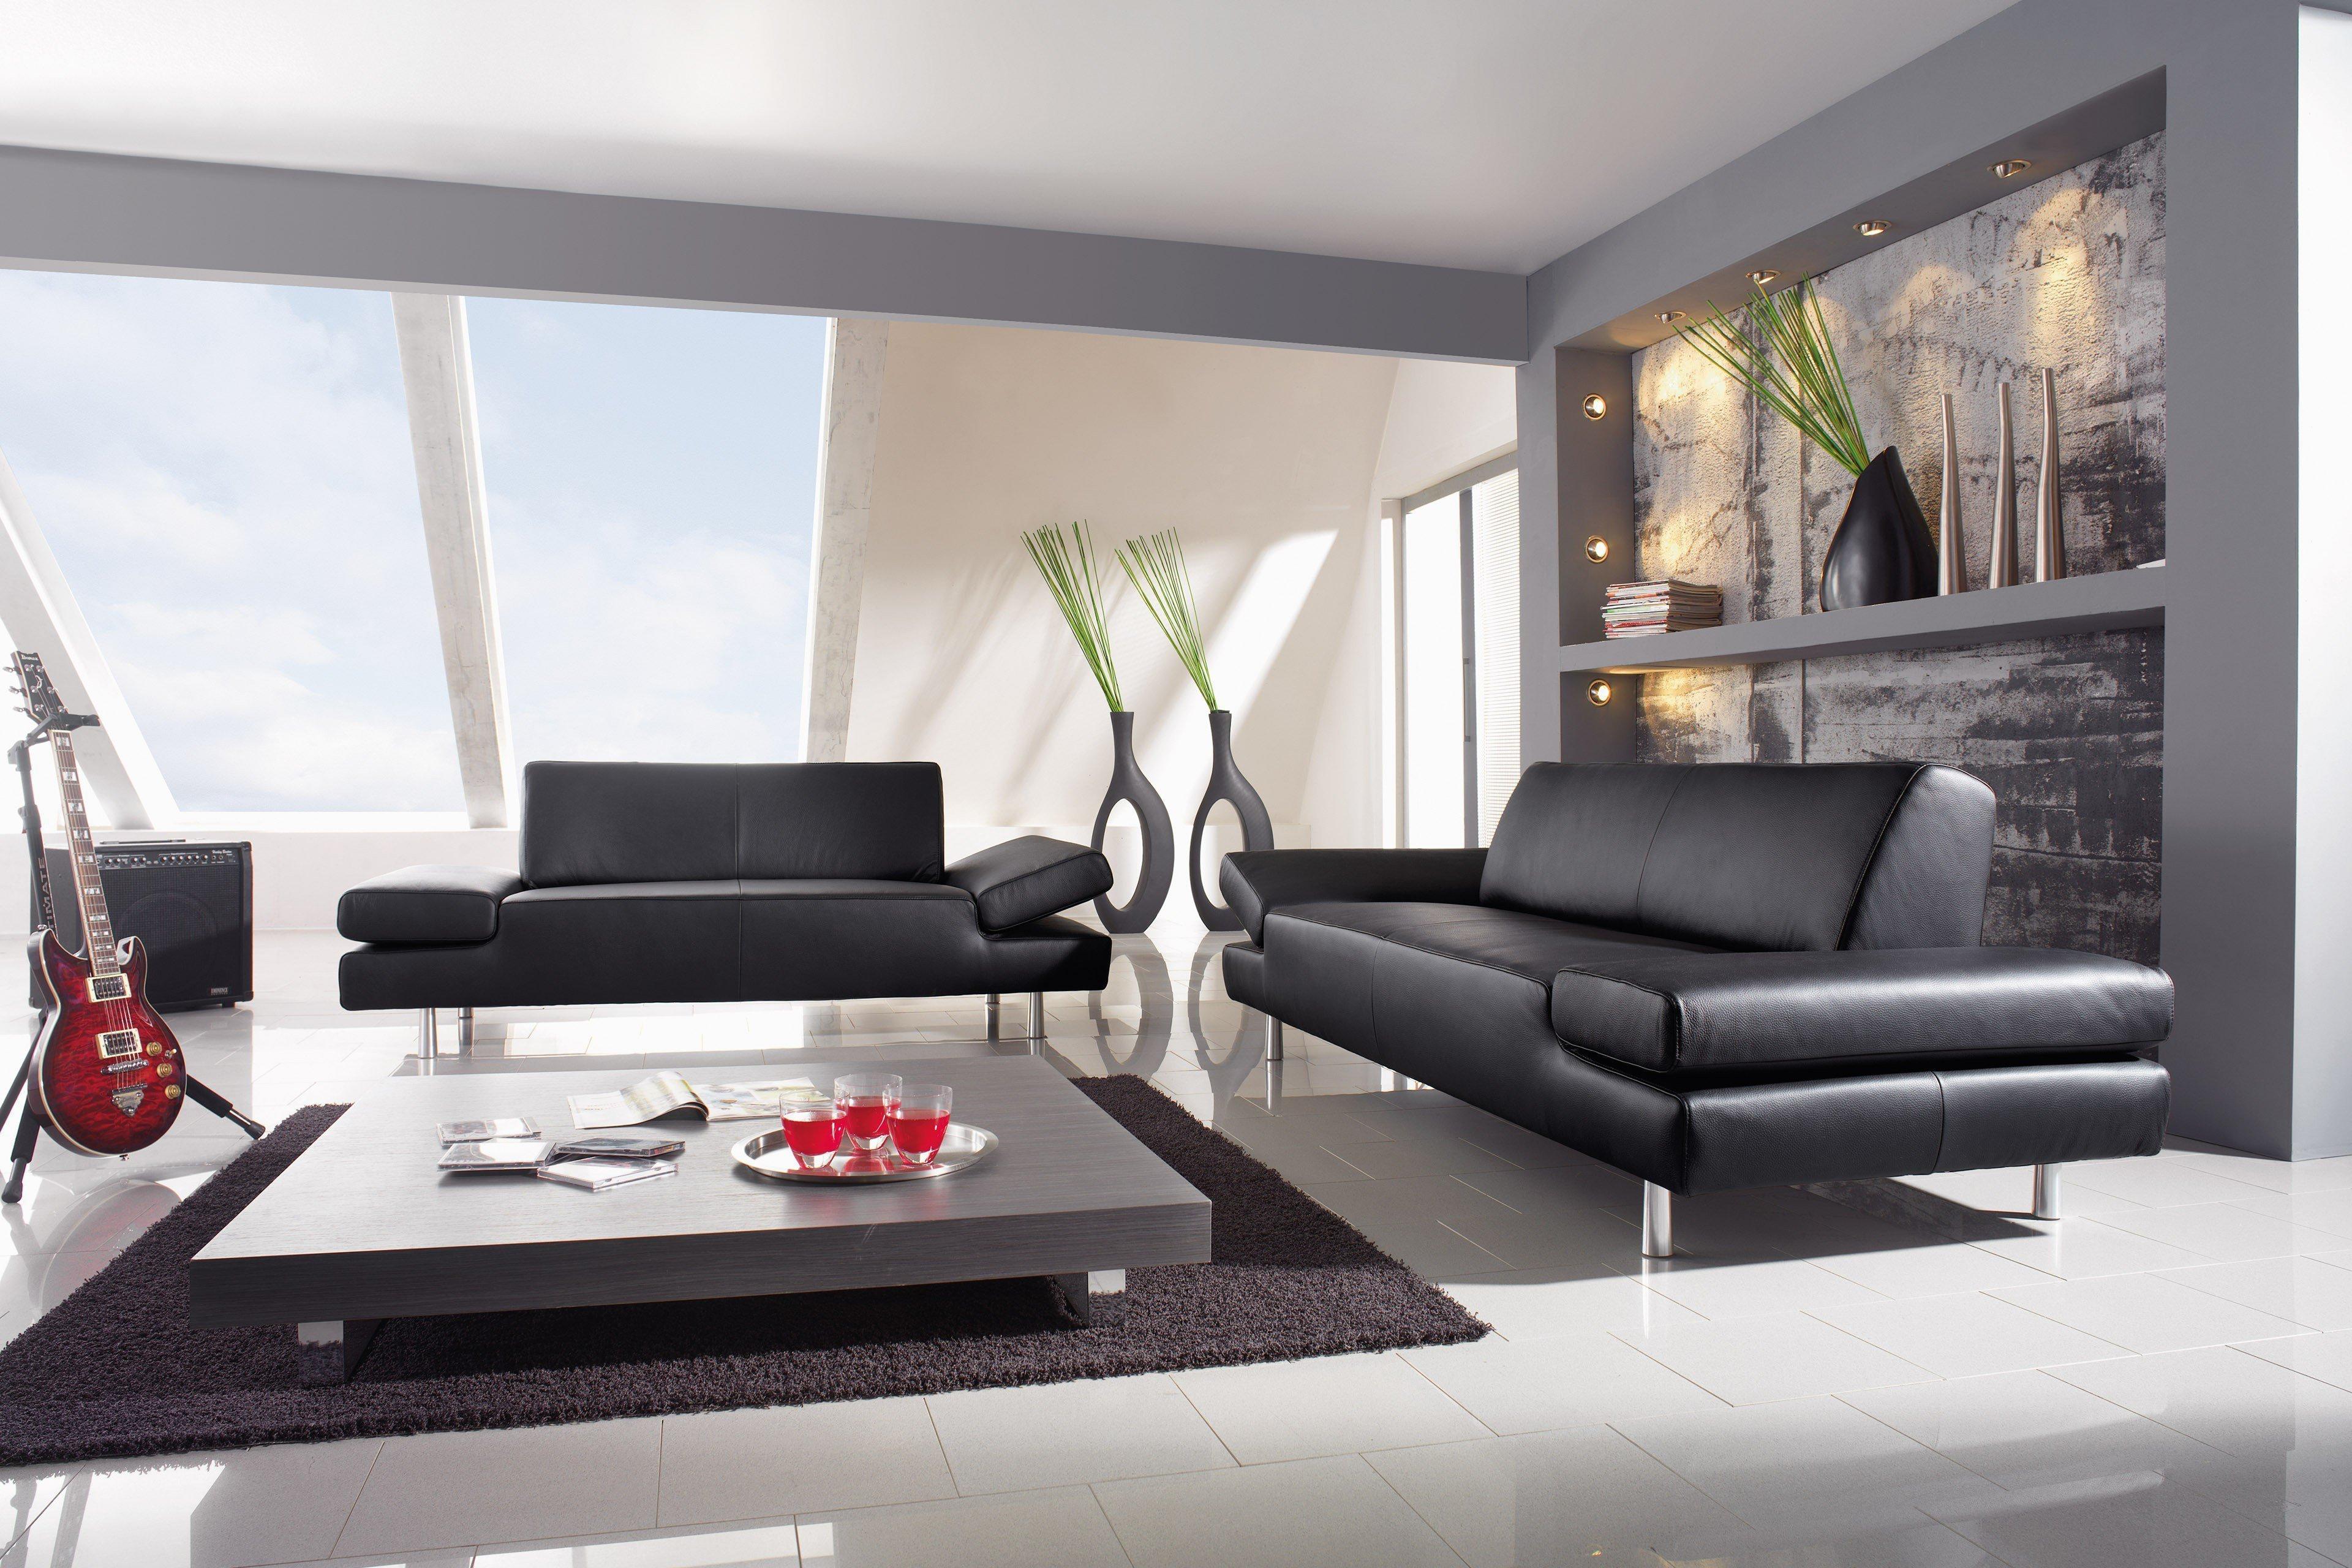 PRIMANTI Sofa, W.Schillig, GERMANY - NEO Interiors - Boston